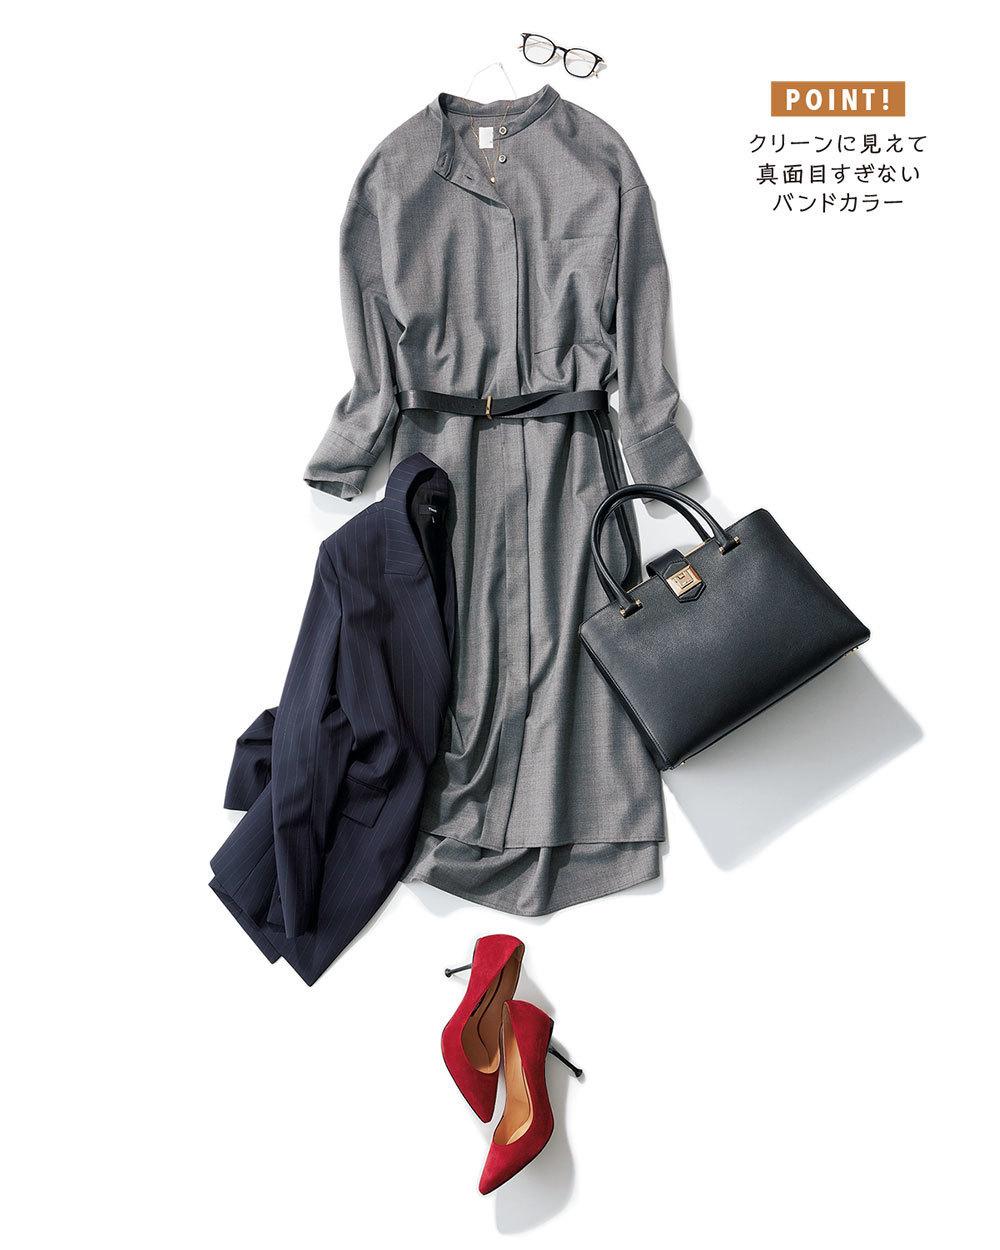 グレーのシャツワンピースファッションコーデ